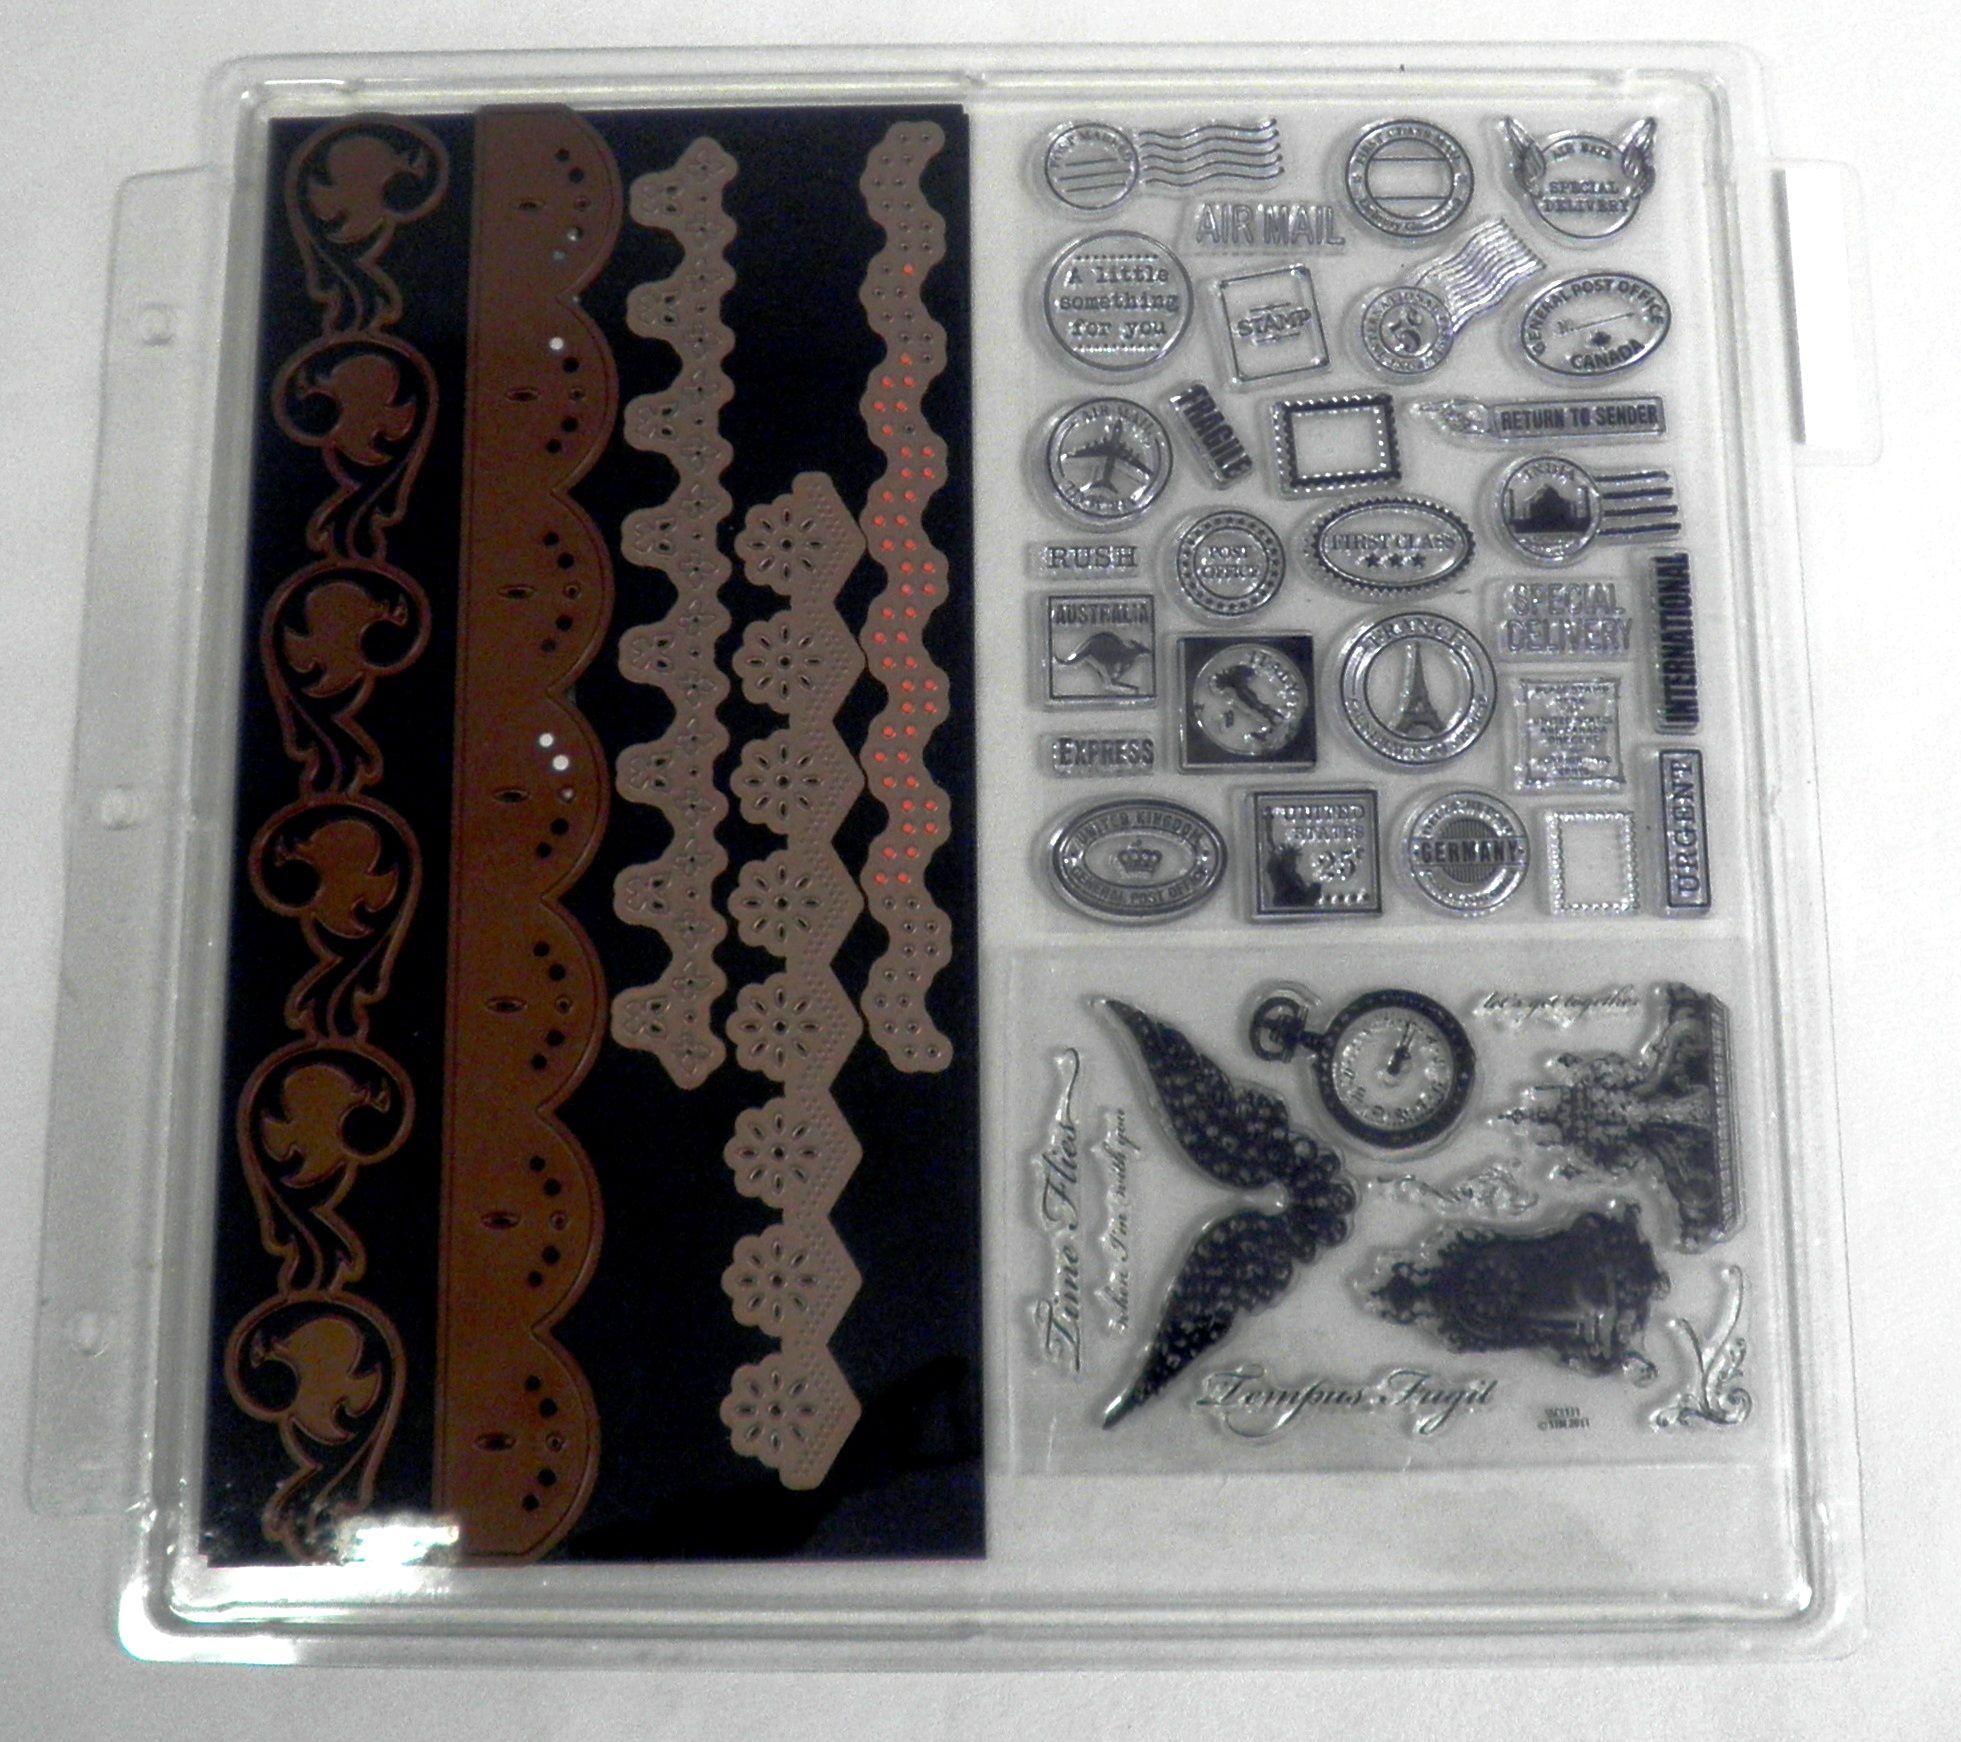 TT   Clear St& Storage Trays - 3pk   Scrapbooking Cardmaking u0026 Craft Room Organization products & TT   Organizations Craft and Craft organization